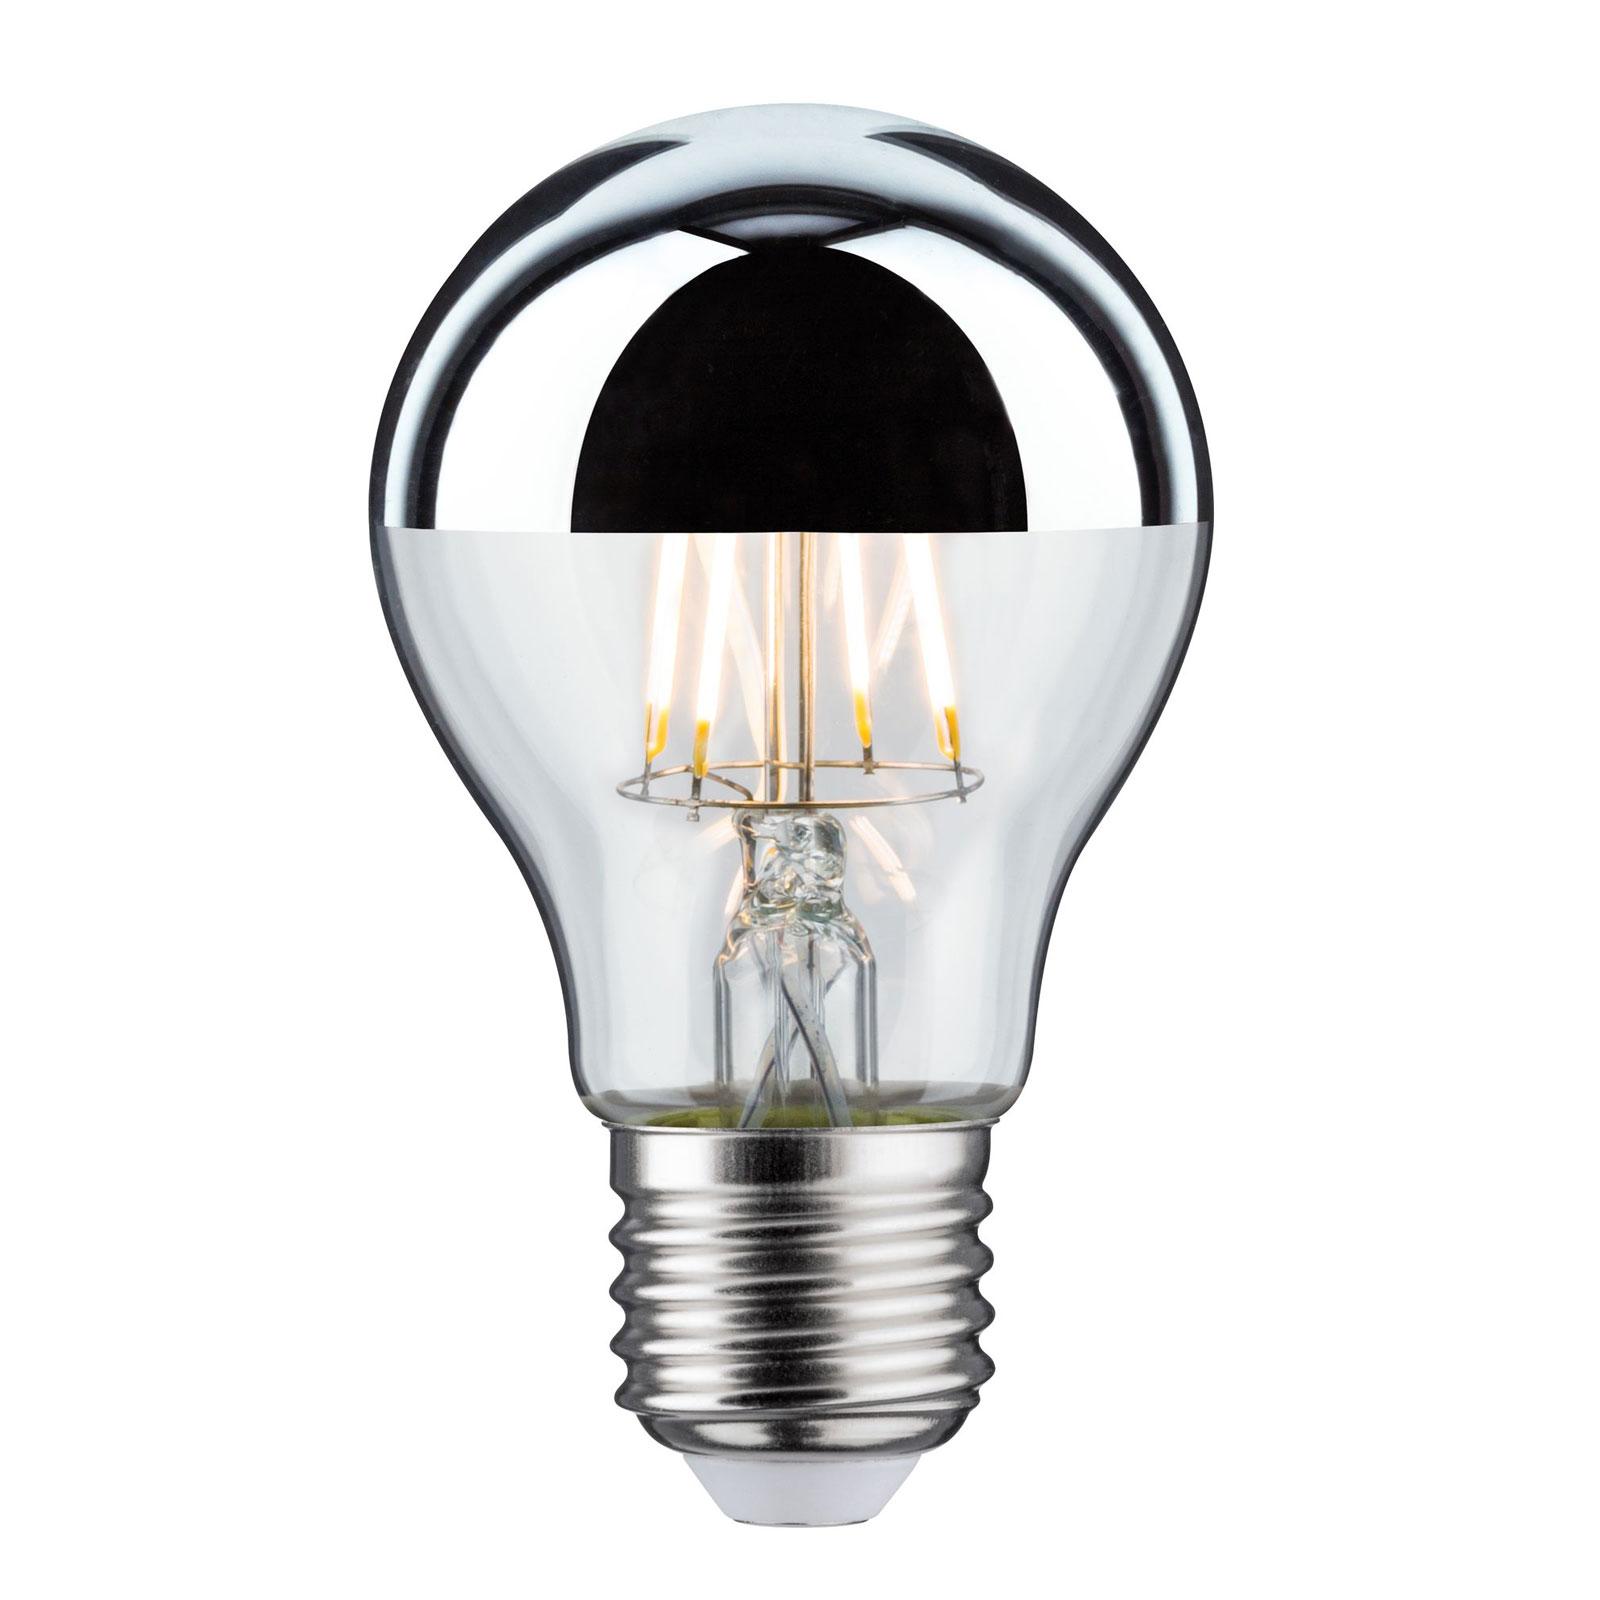 LED-Lampe E27 Tropfen 827 Kopfspiegel 6,5W